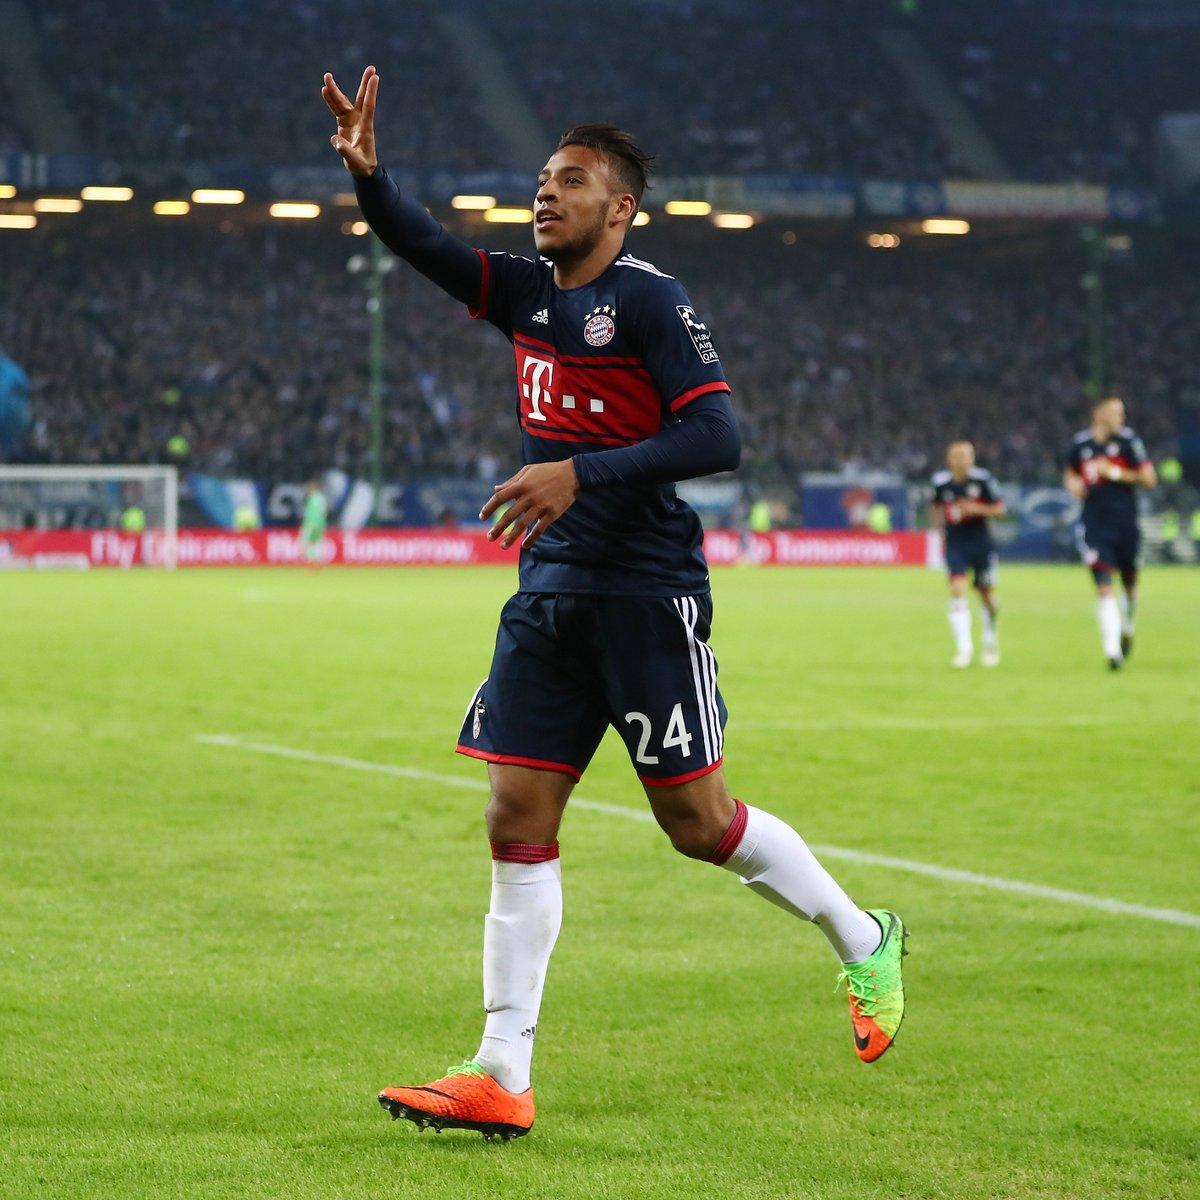 That Bayern Munich kit though 😍 https://t.co/zSB7rMDI7C